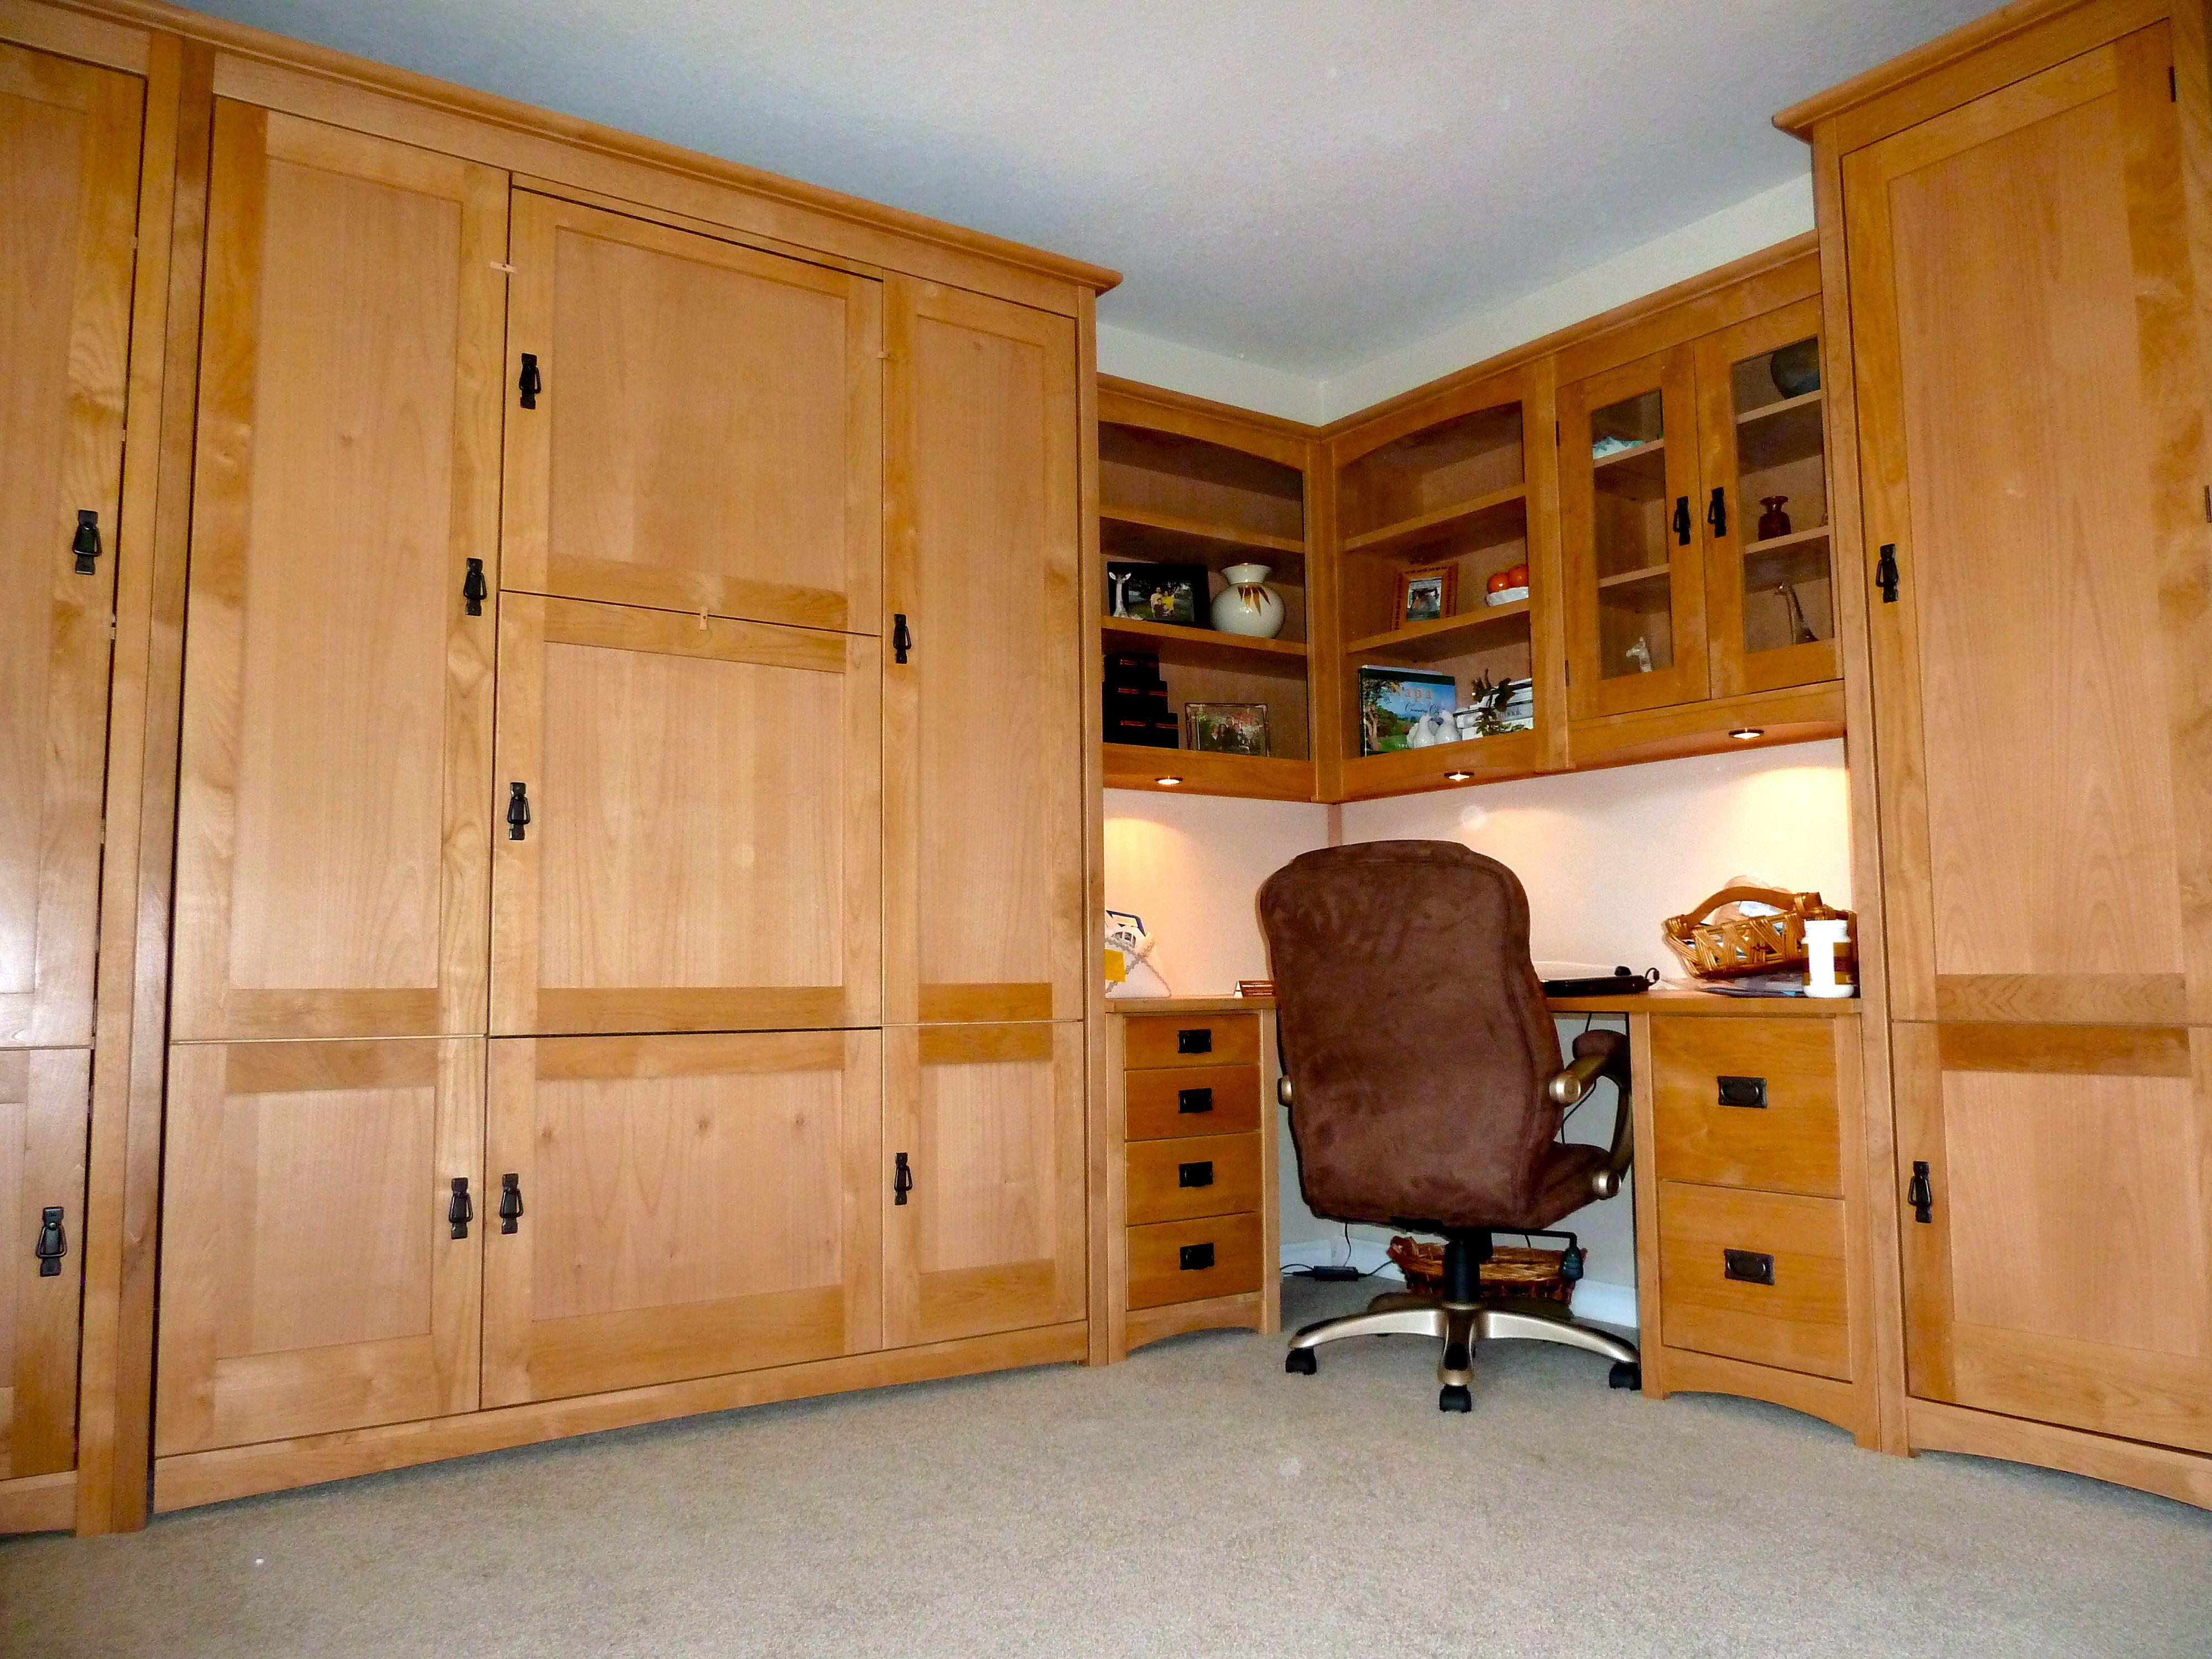 7Door Craftsman Murphy Wall Bed with hidden drop down